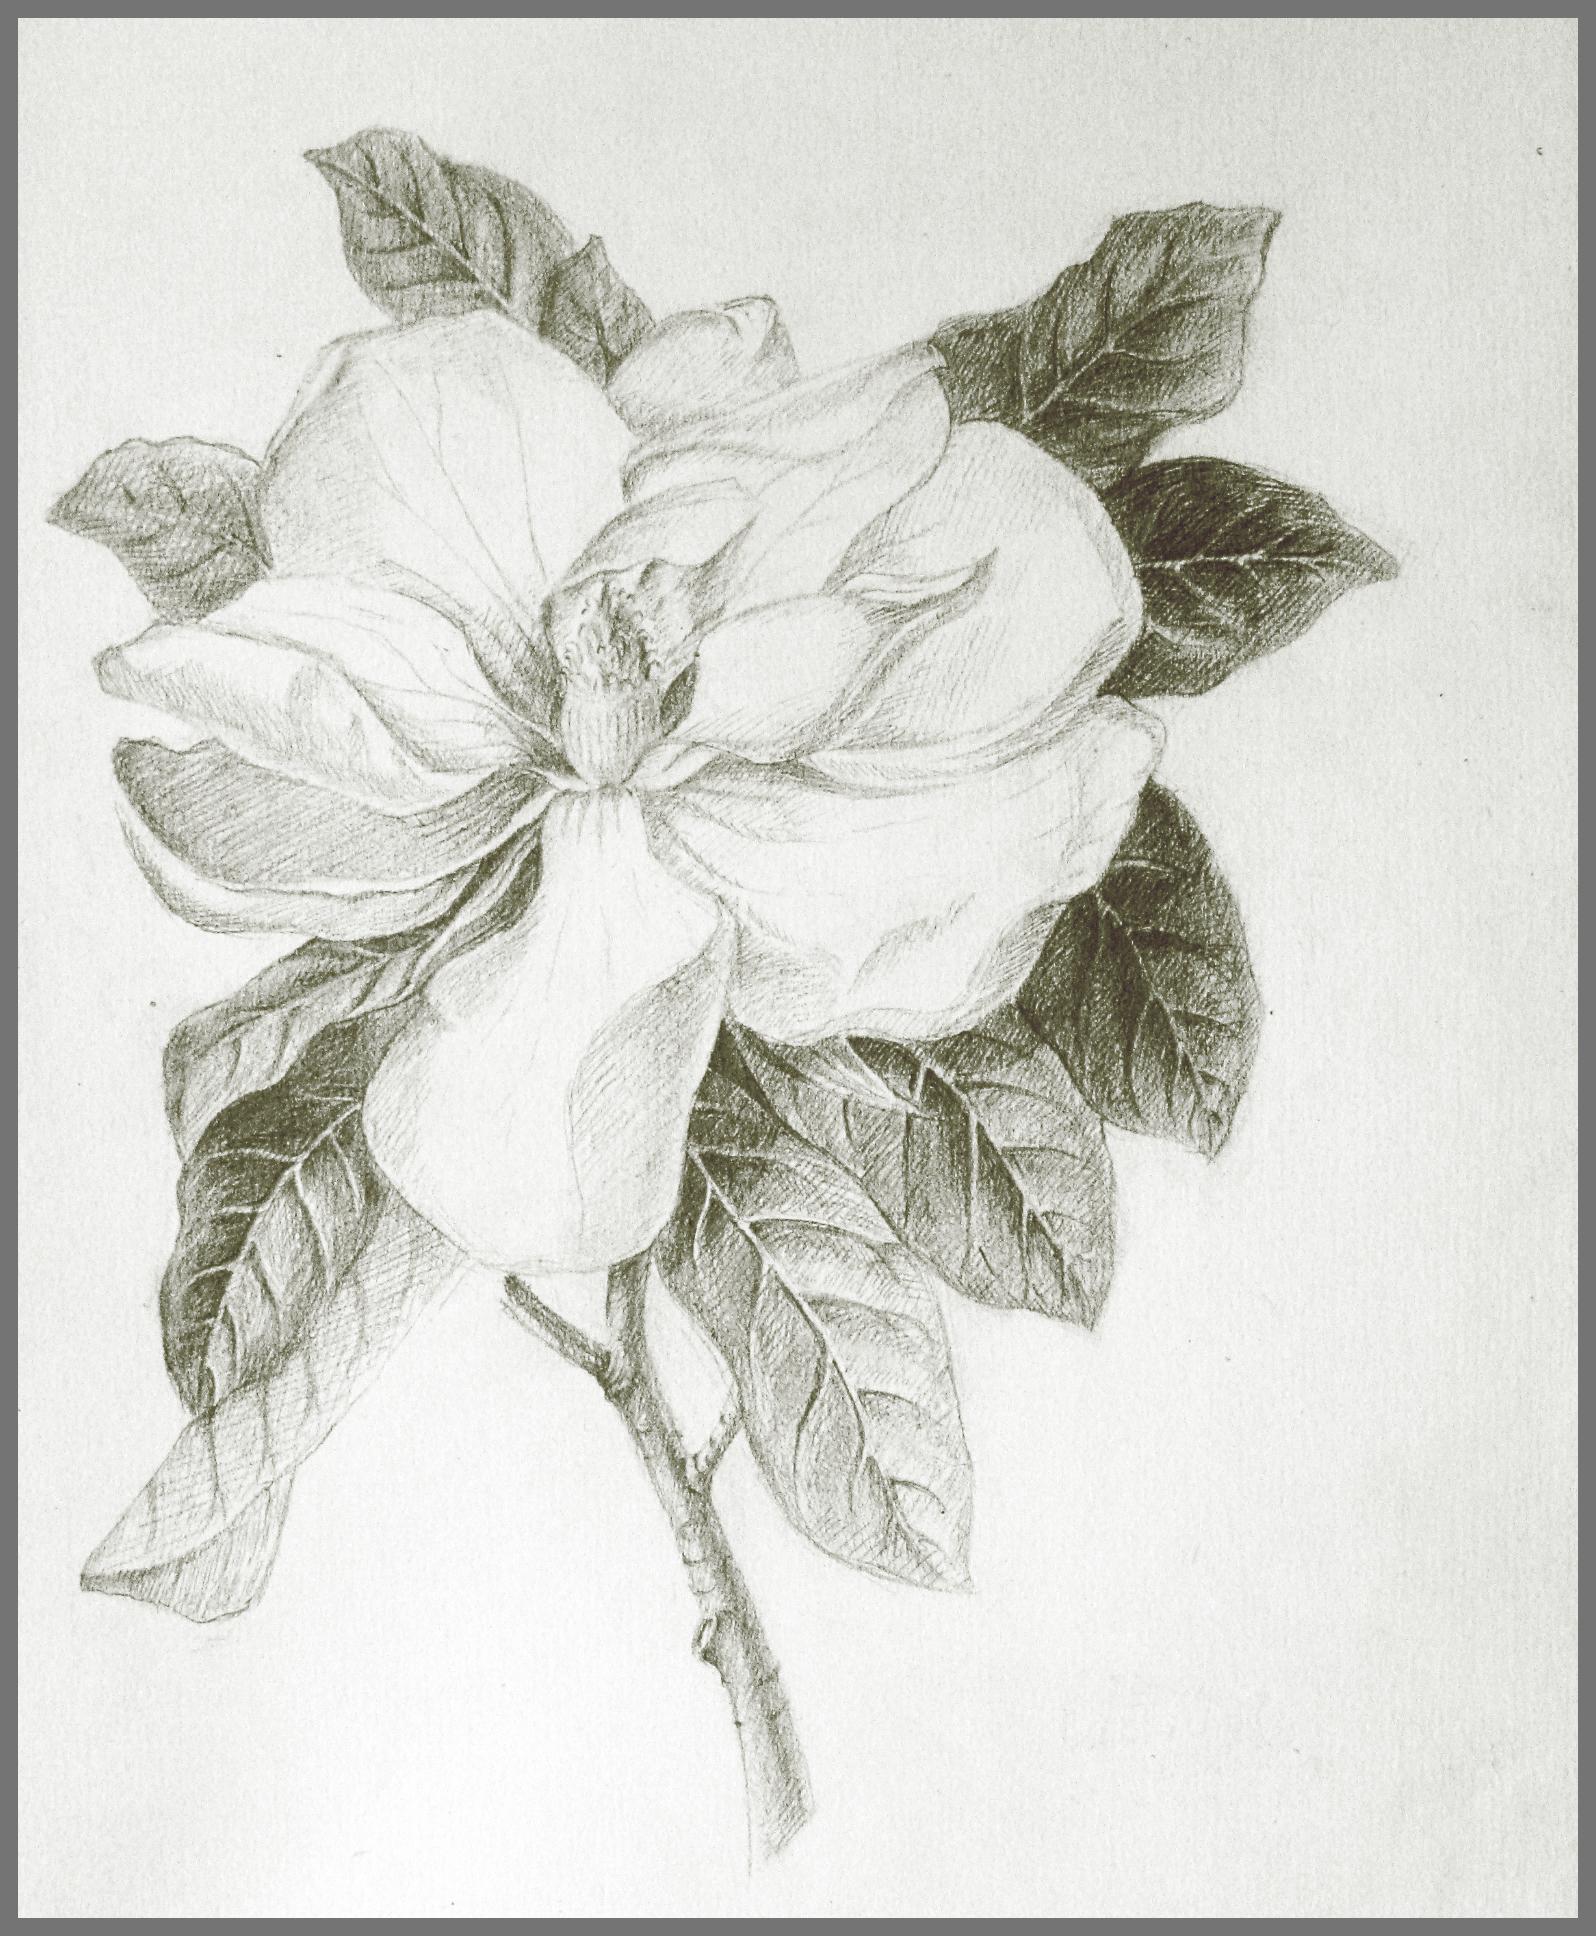 素描花卉图片图片_素描花卉图片图片下载